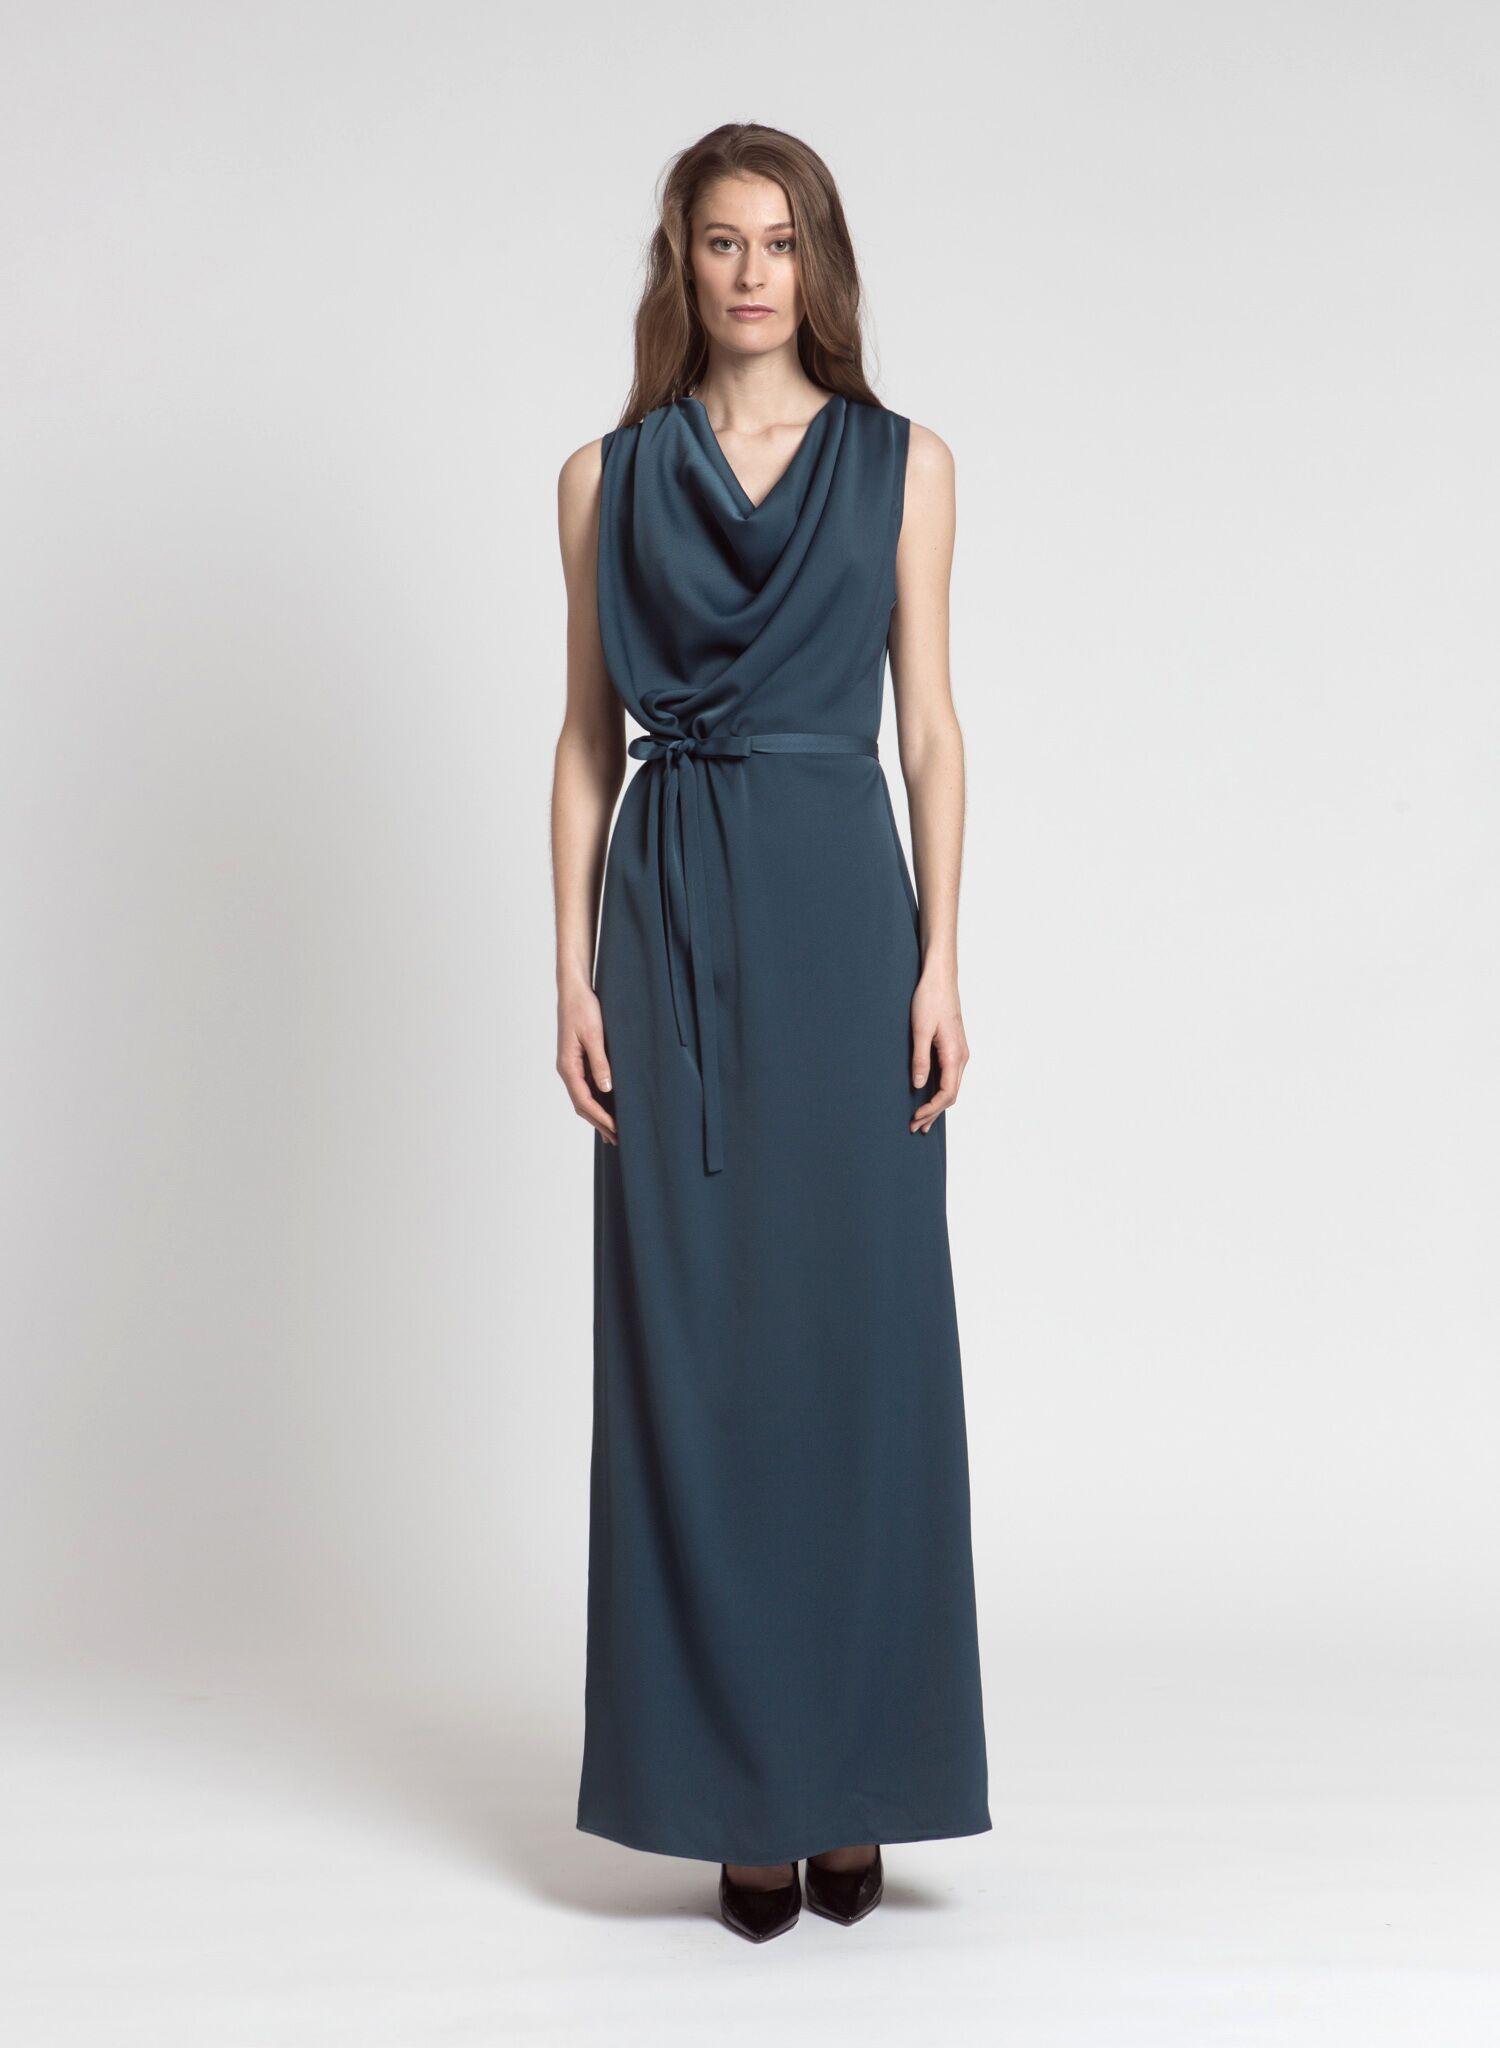 Katri Niskanen Iltapuku, Thelma Evening Dress Petroolinsininen